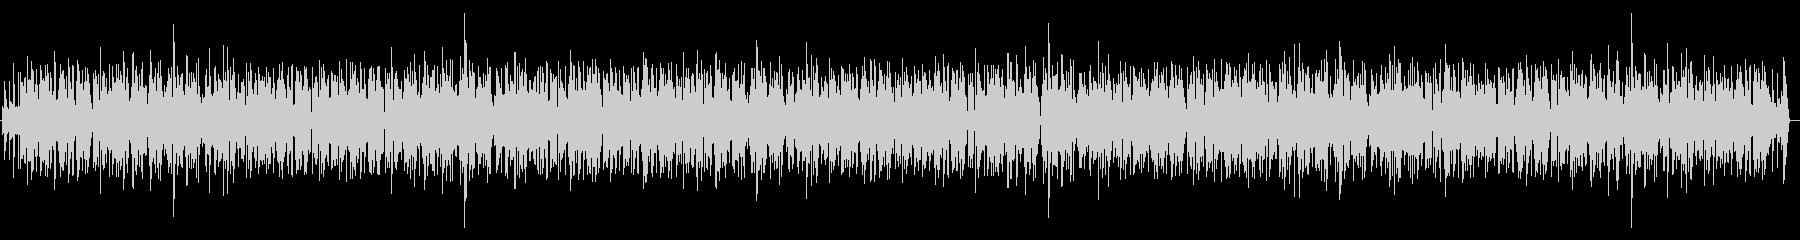 まったりとした感じのピアノBGMの未再生の波形